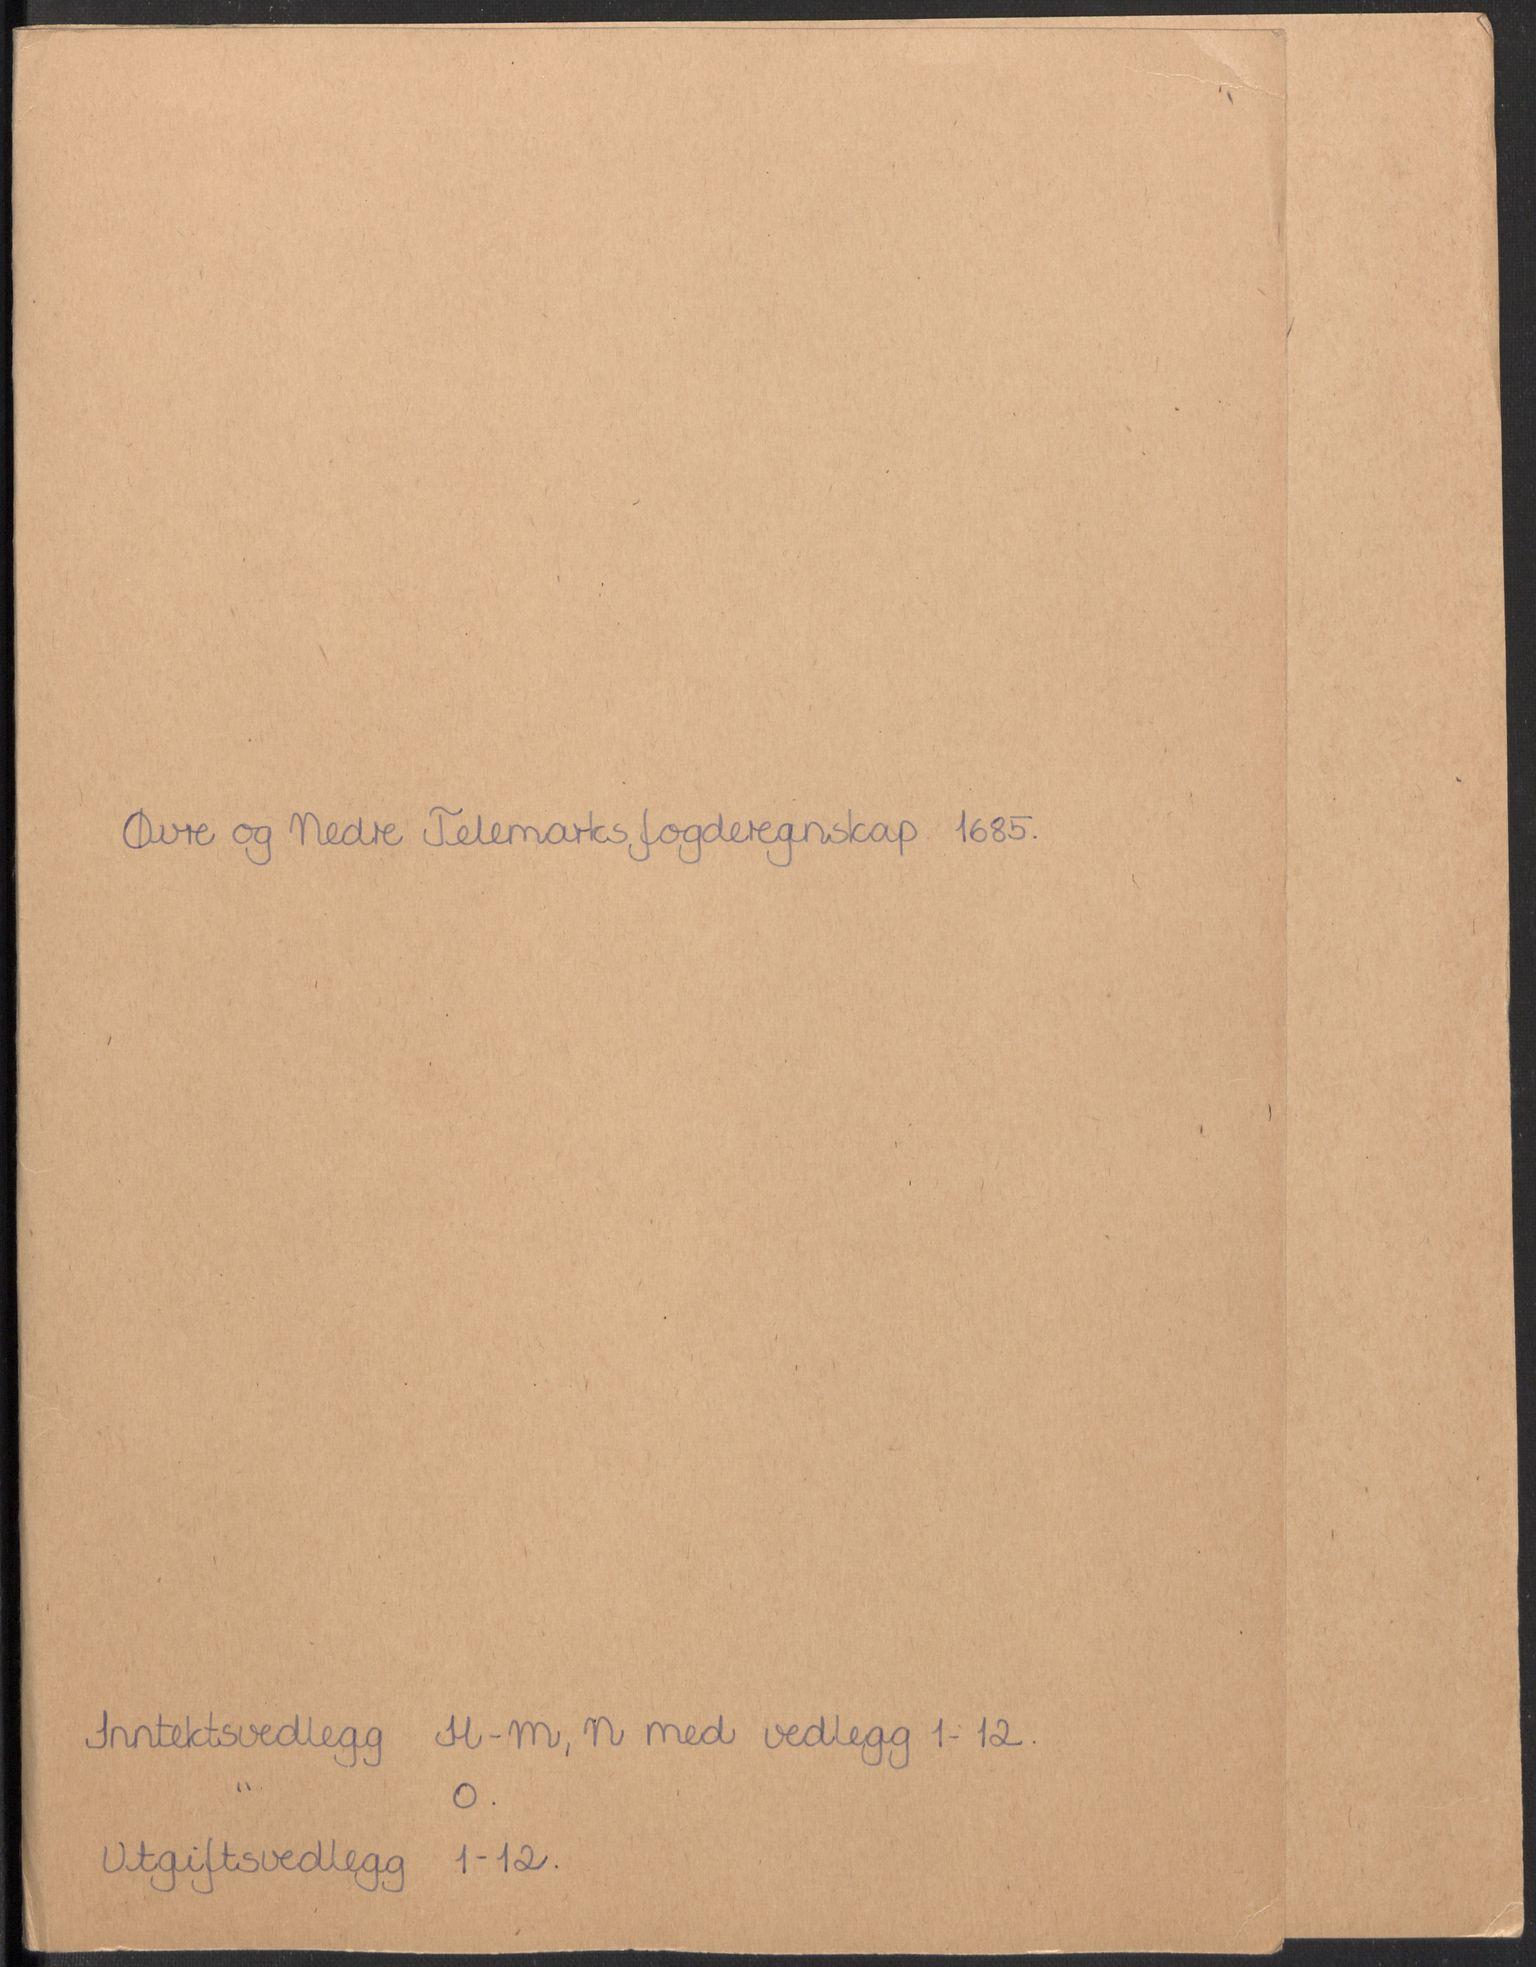 RA, Rentekammeret inntil 1814, Reviderte regnskaper, Fogderegnskap, R35/L2082: Fogderegnskap Øvre og Nedre Telemark, 1685, s. 231